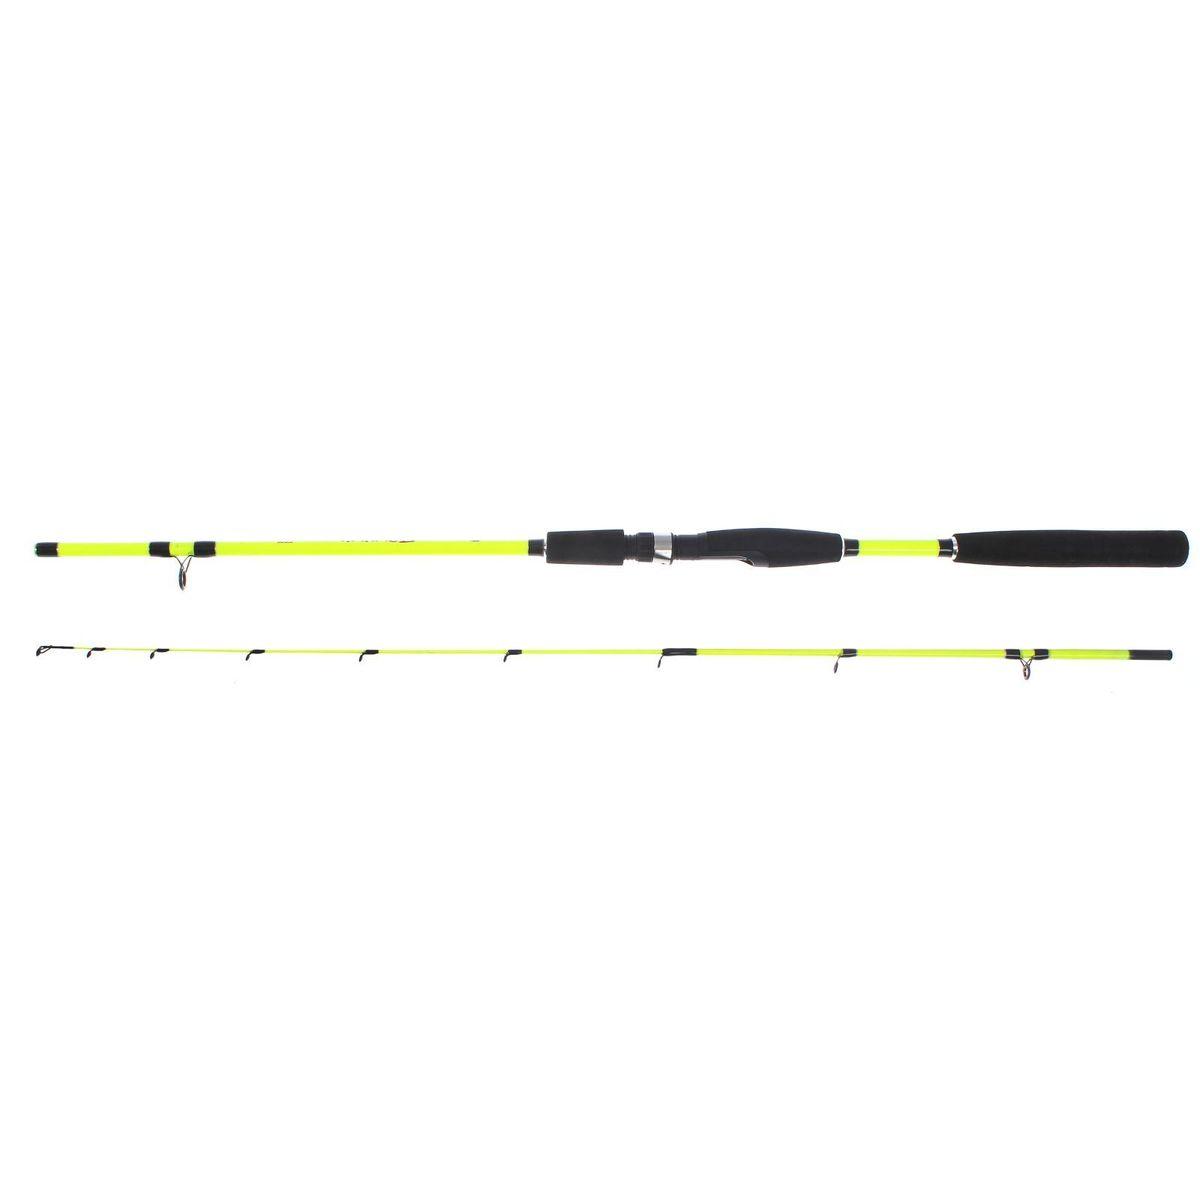 Удилище штекерное Волжанка Горыныч, 1,6 м1363228Удилище Волжанка Горыныч 1.6м тест до 100гр 2 секции Штекерный спиннинг лучшее сочетание цены и качества. Разработан под наиболее популярные приманки используемые на всех хищников.